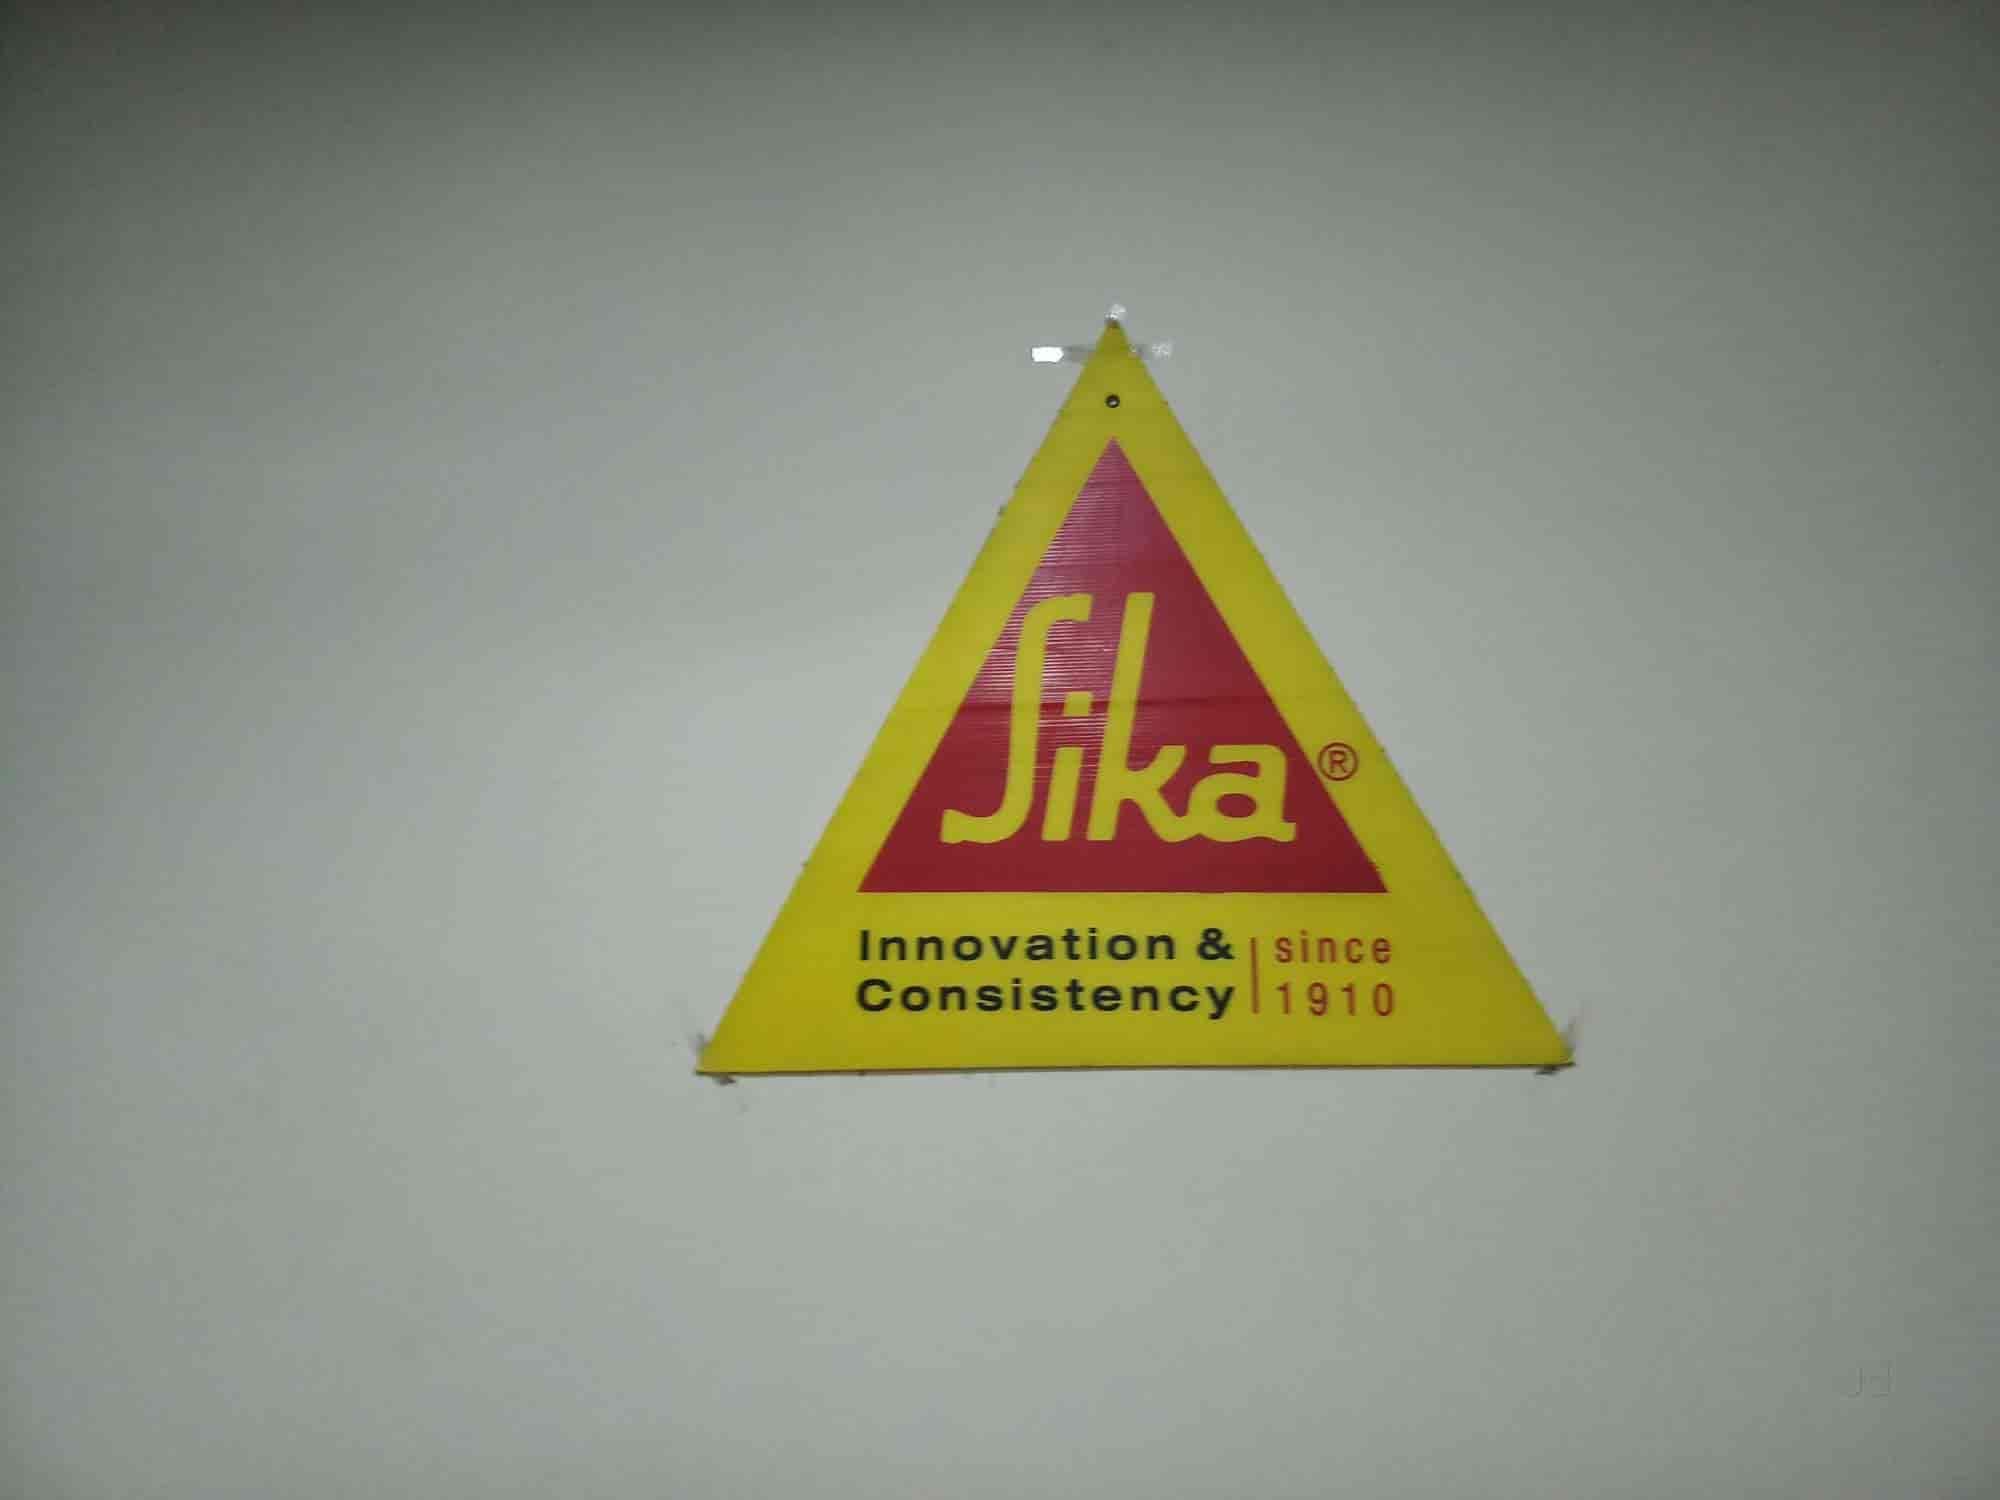 Sika India Pvt Ltd - MS Colour Plus, Budheshwari Colony